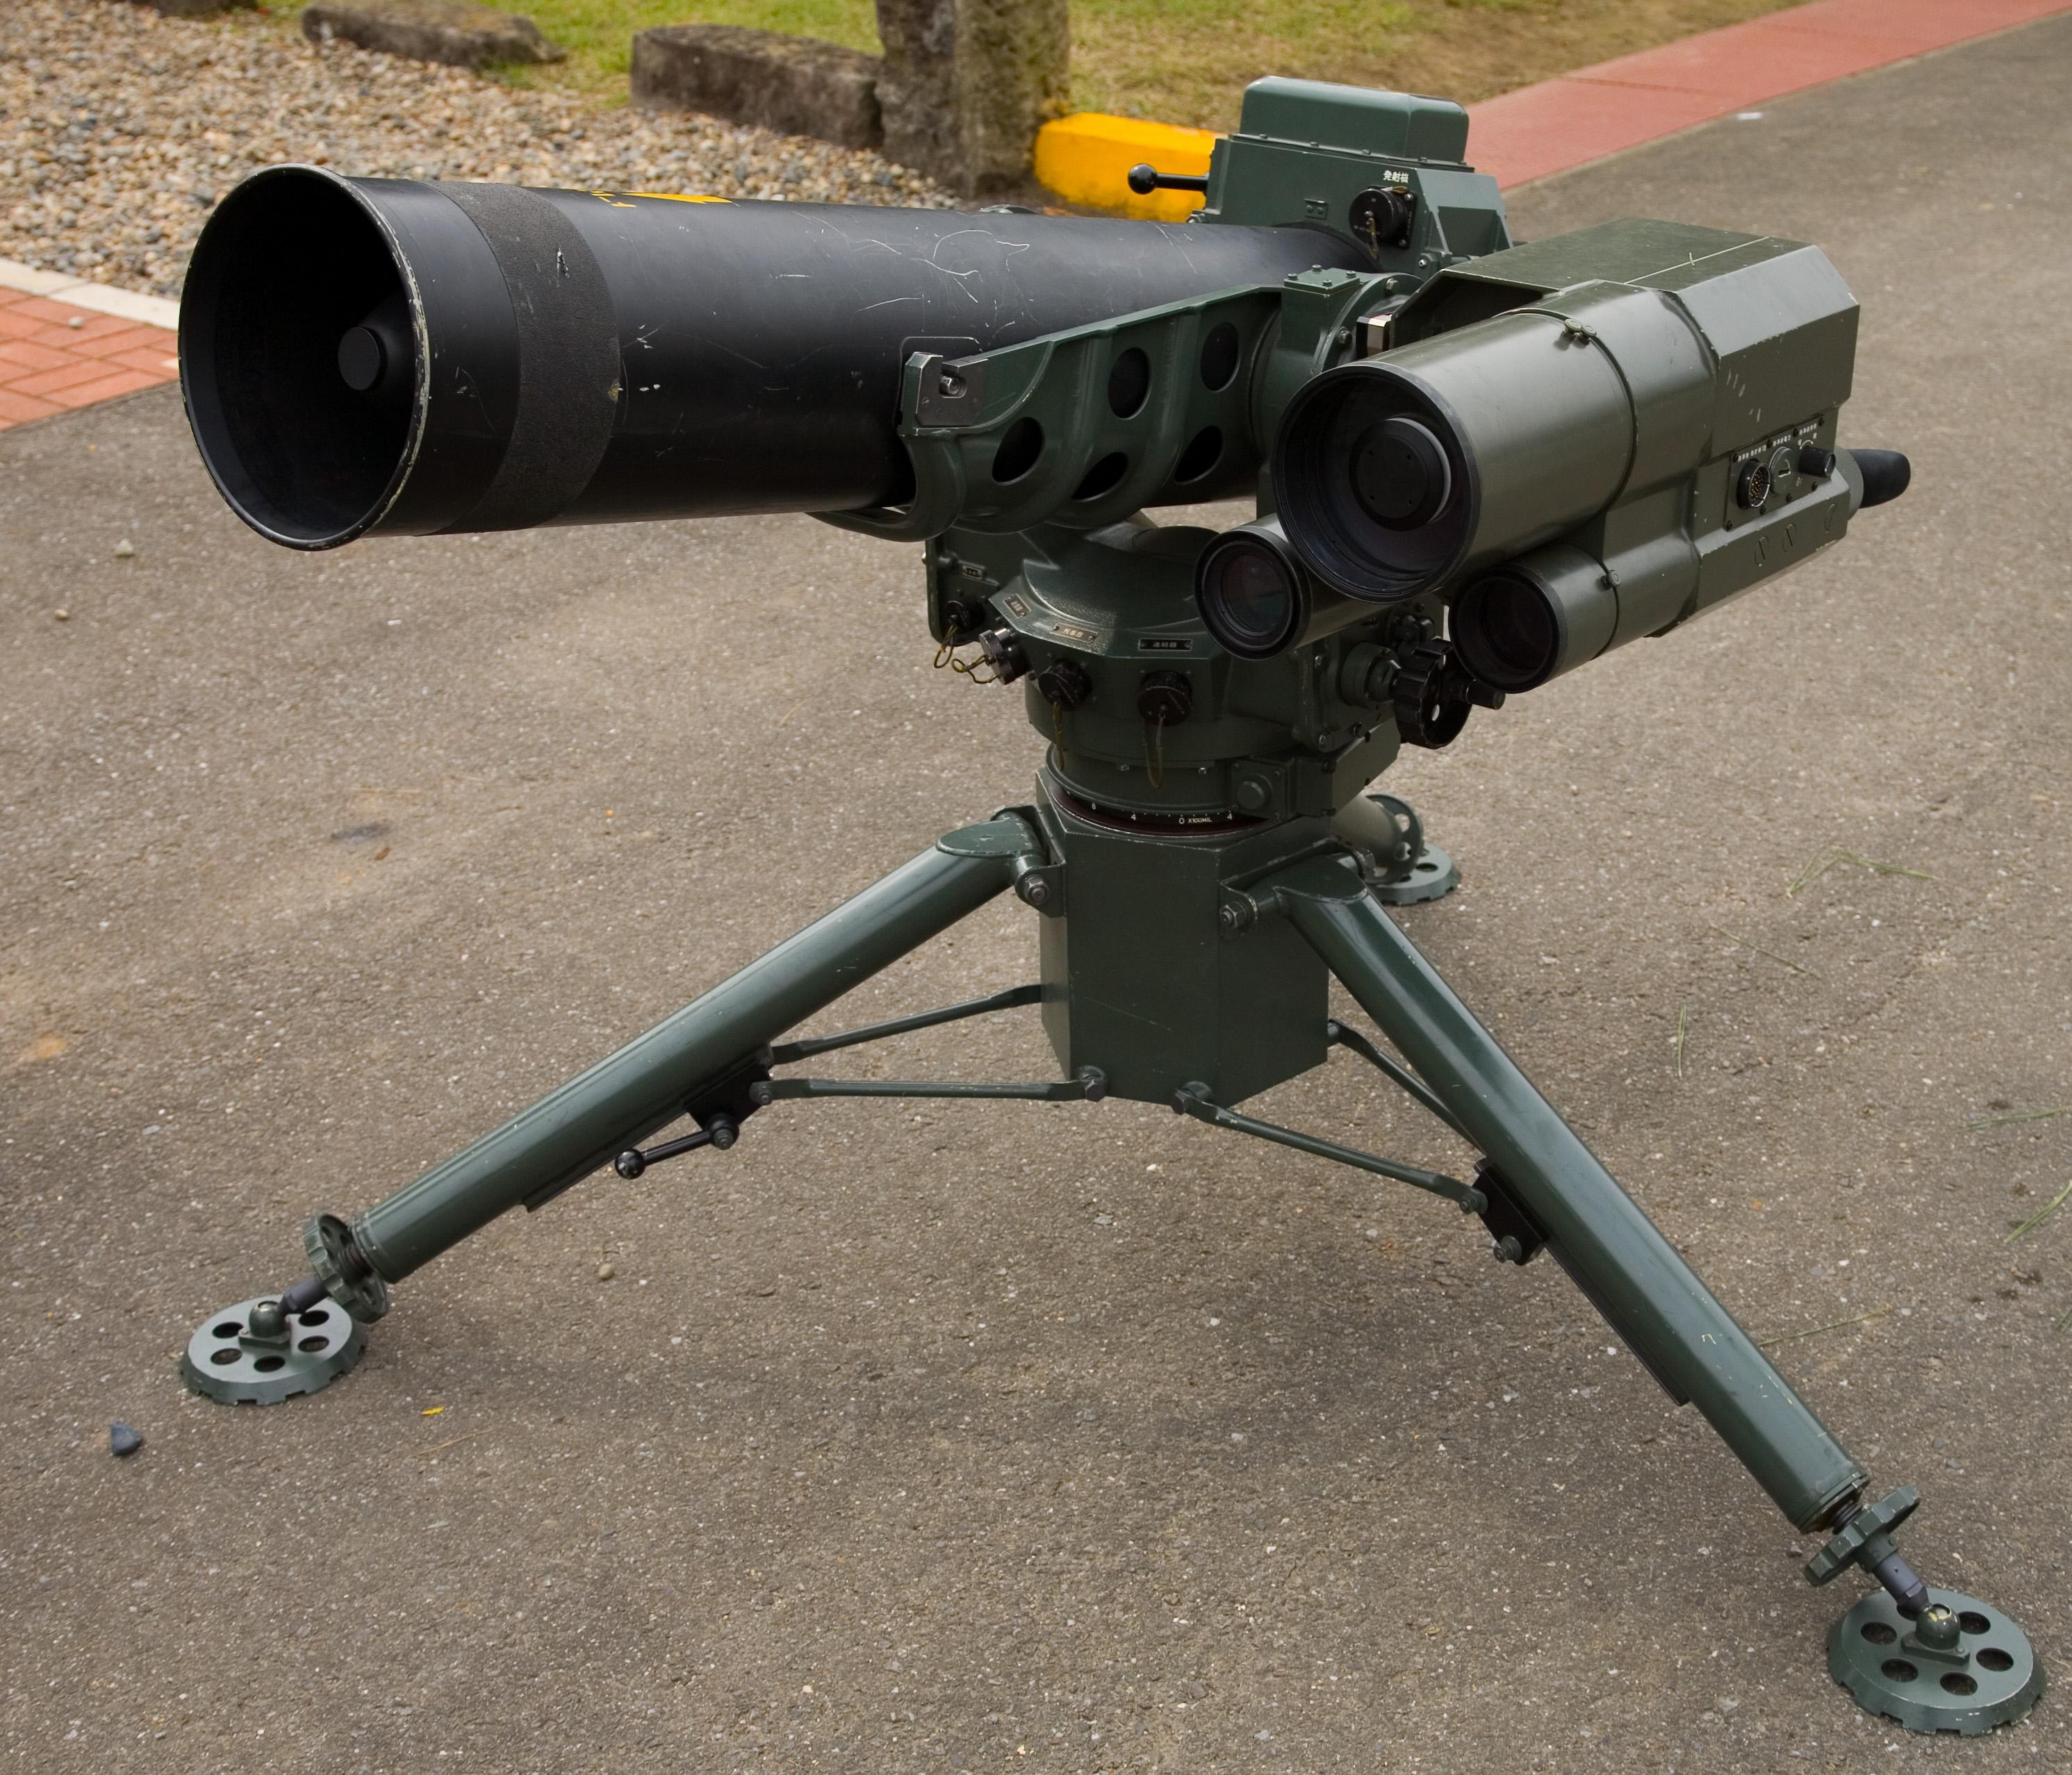 Type_79_Jyu-MAT_anti-tank_missile_front.jpg